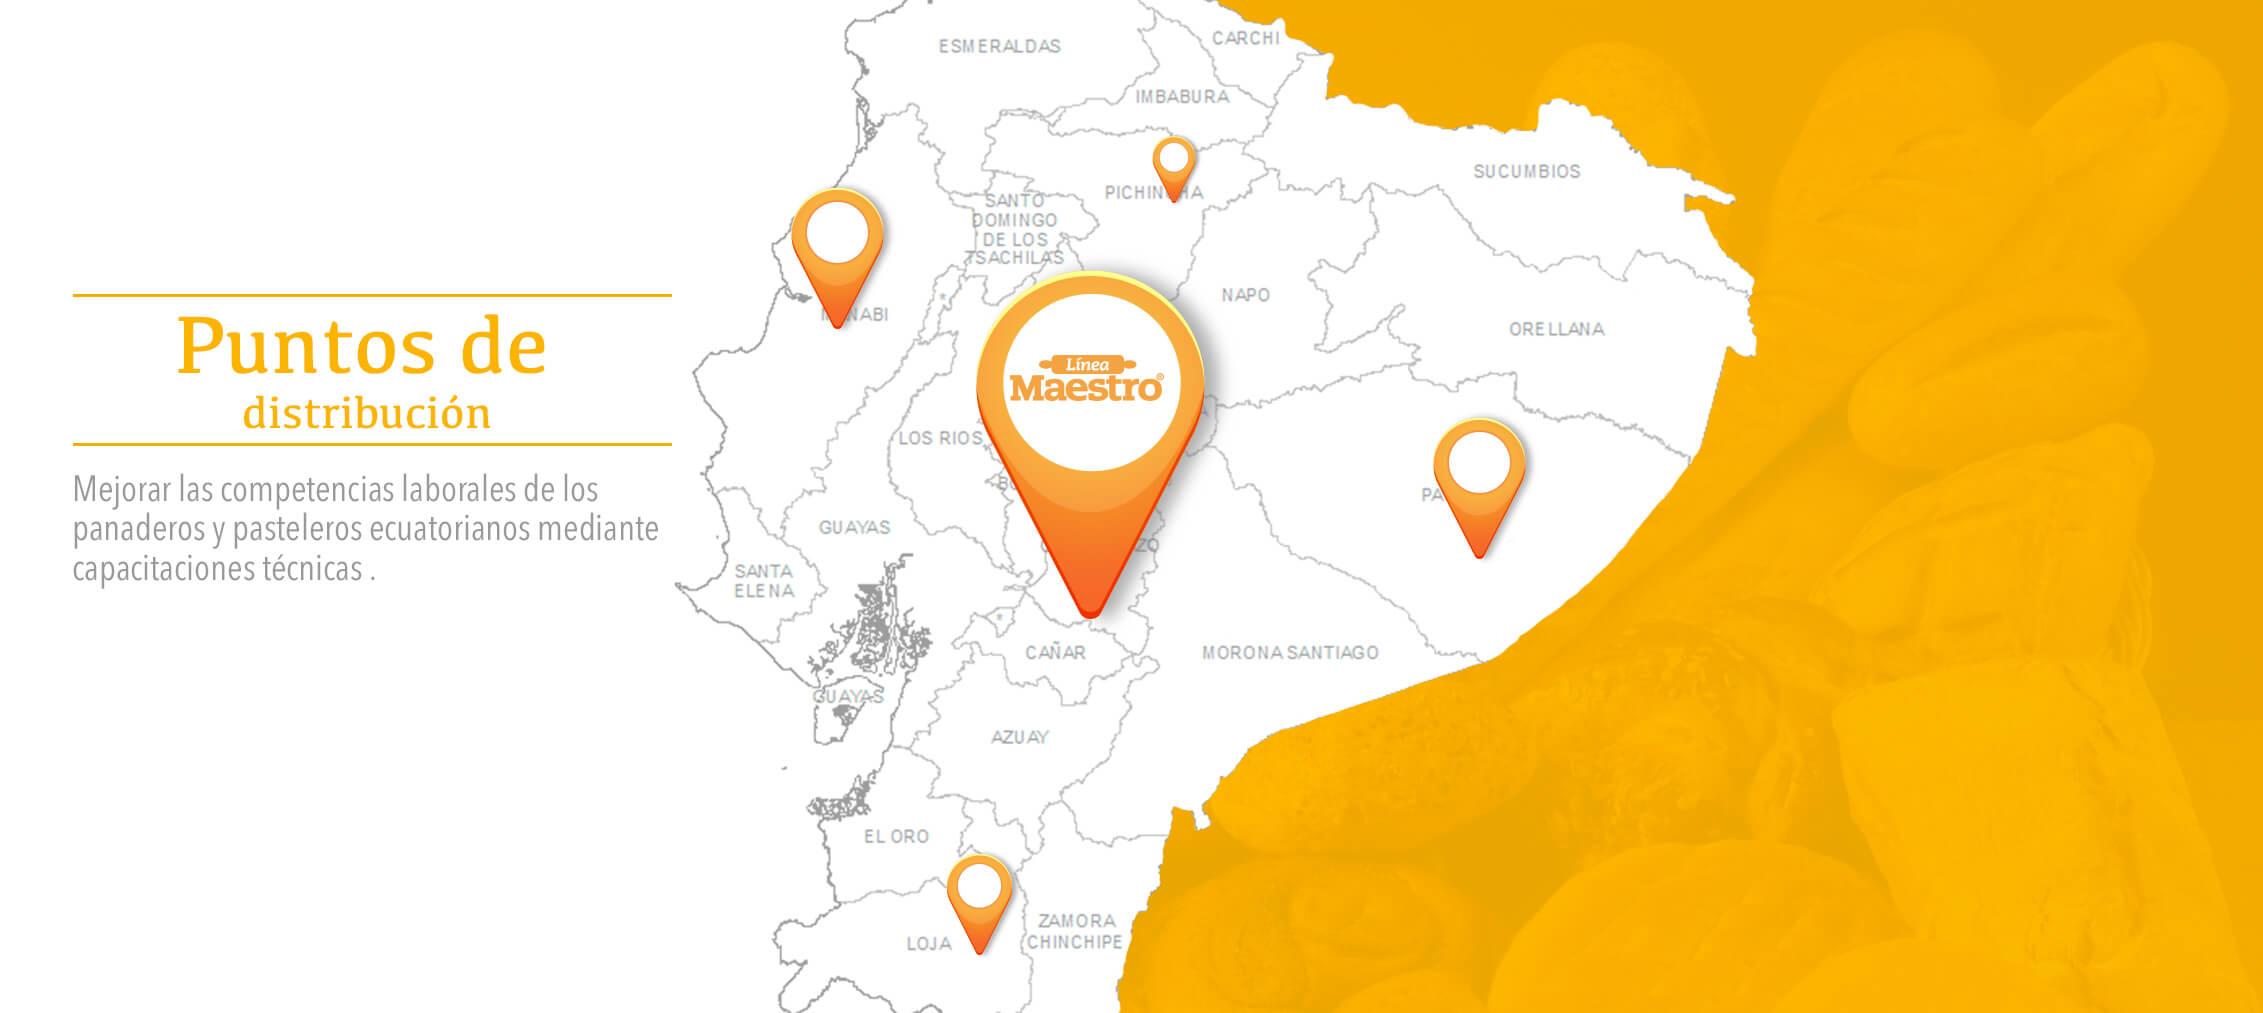 Puntos de distribución de Linea Maestro | Línea Maestro Ecuador